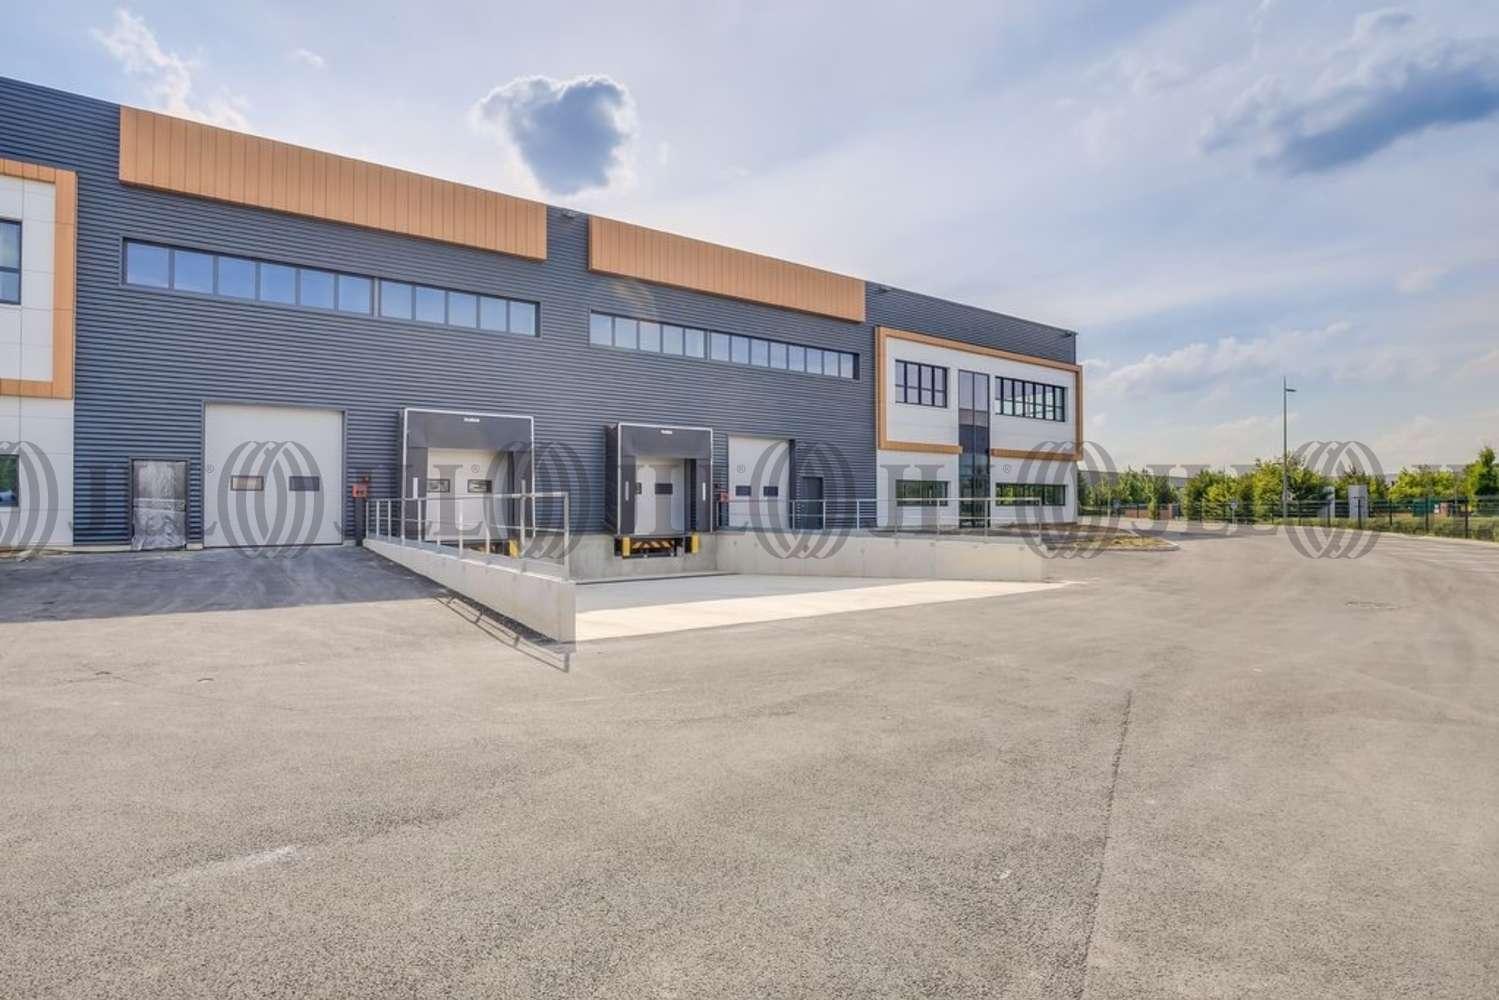 Activités/entrepôt Roissy en france, 95700 - SEGRO BUSINESS PARK ROISSY